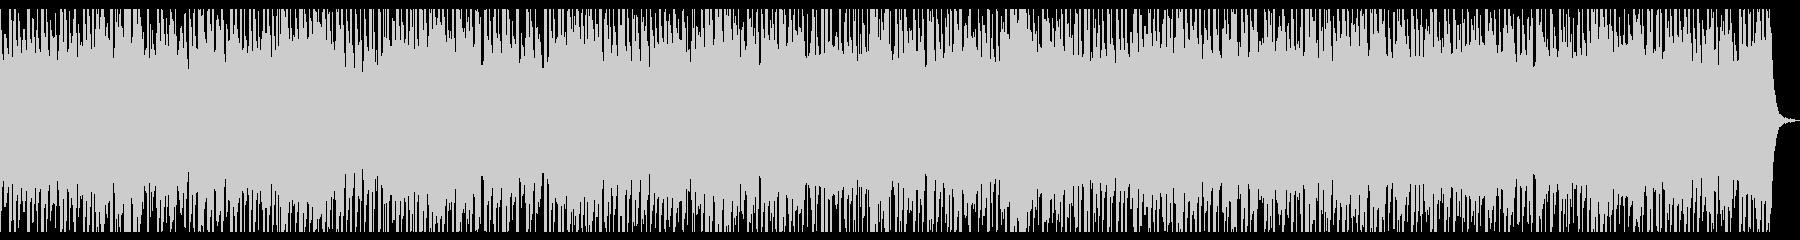 お洒落なテクノ・電子音楽 シンセポップの未再生の波形